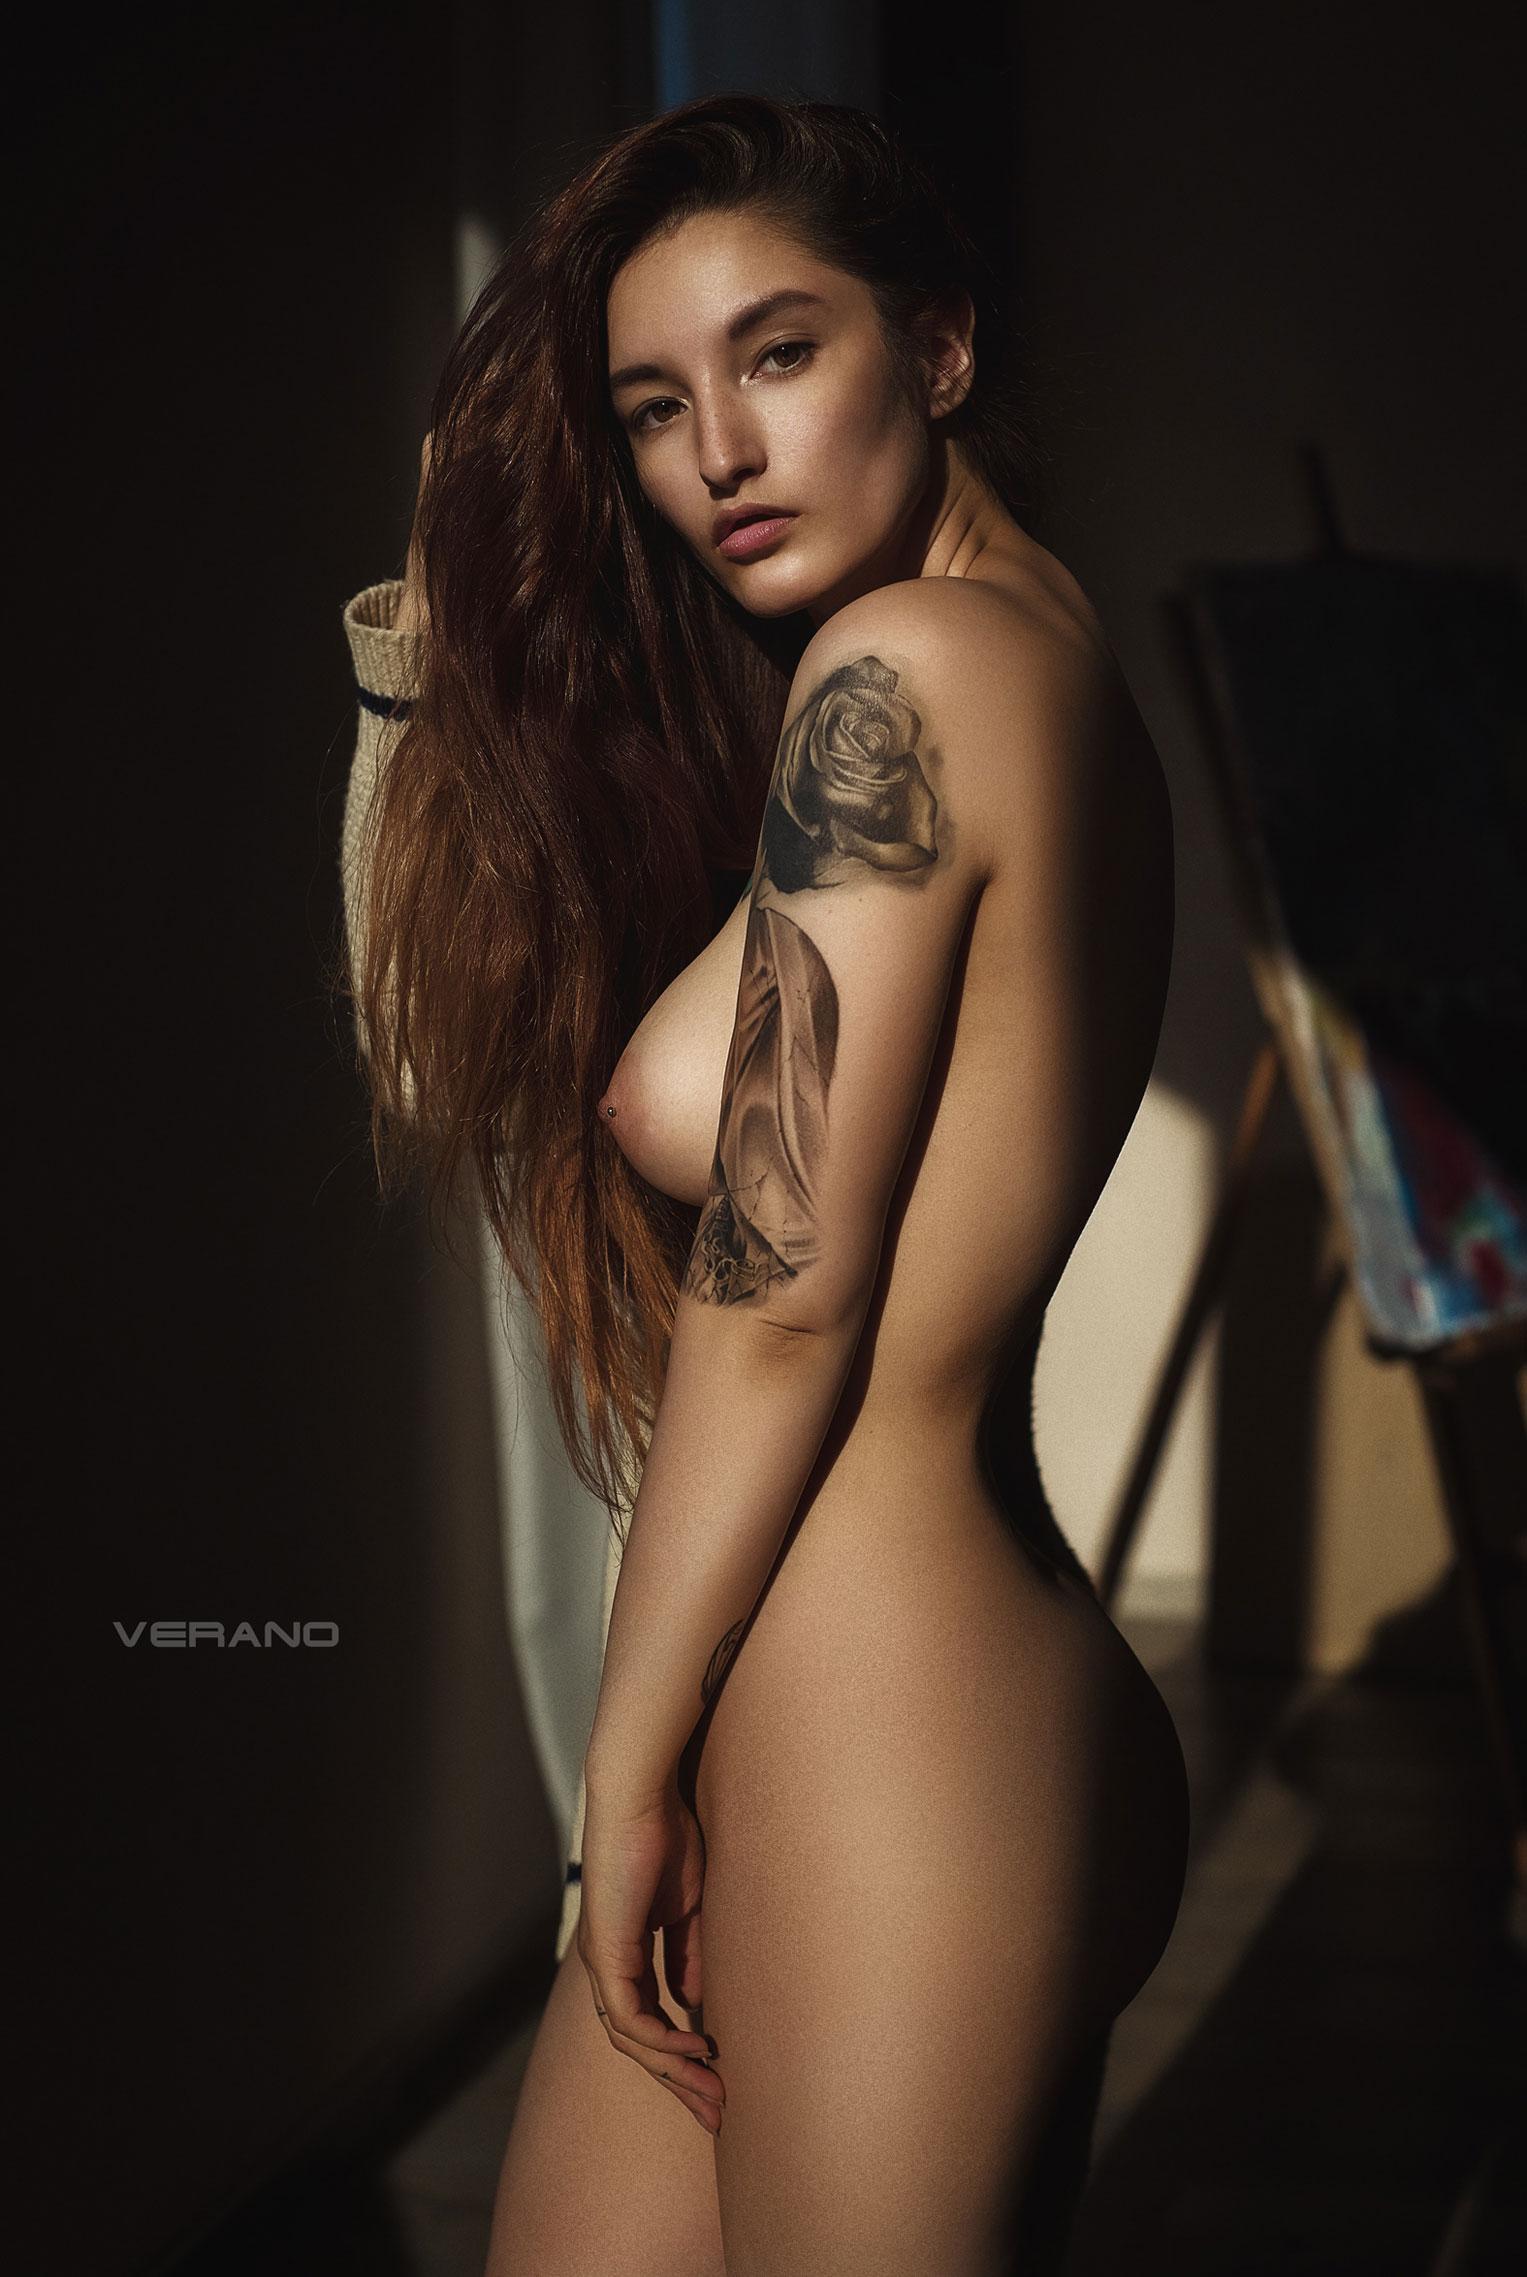 голая Валерия - фотомодель с татуировками / фото 05